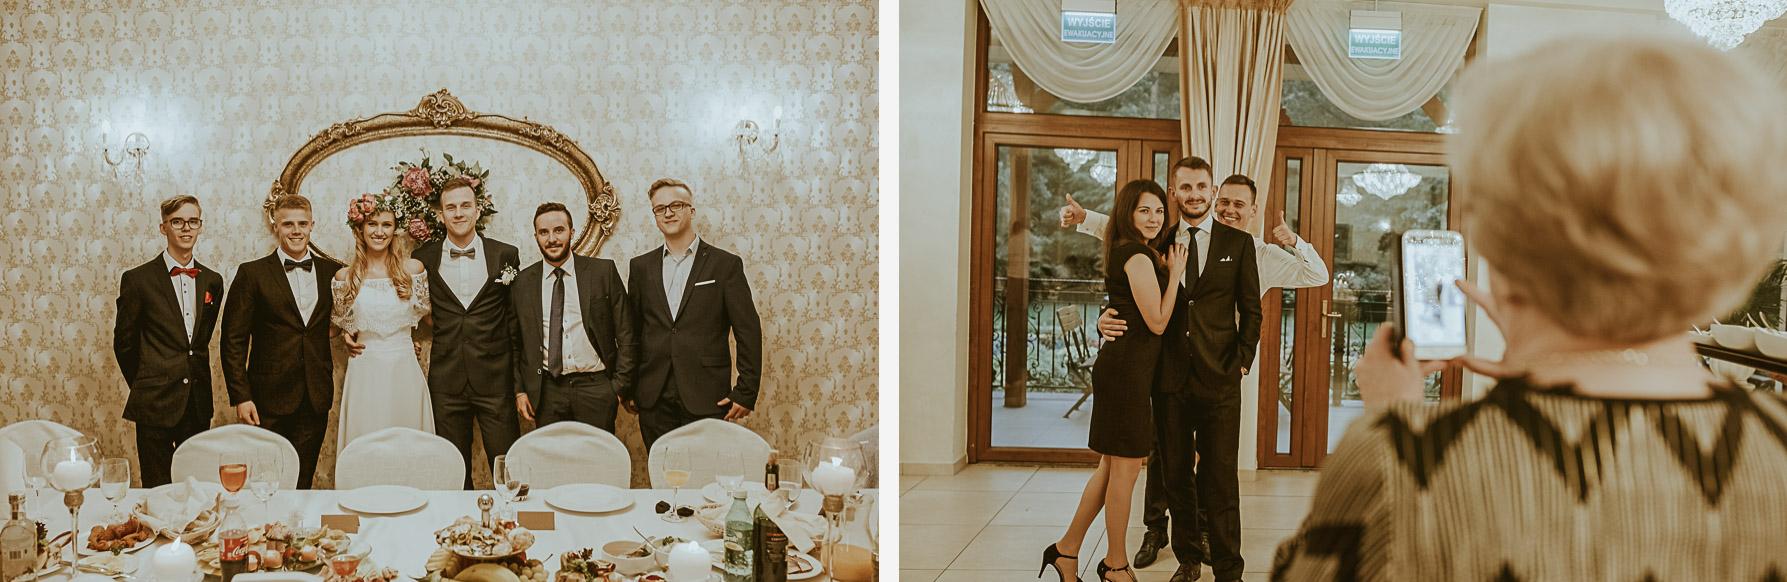 Zdjęcia Ślubne Gliwice 113 28v